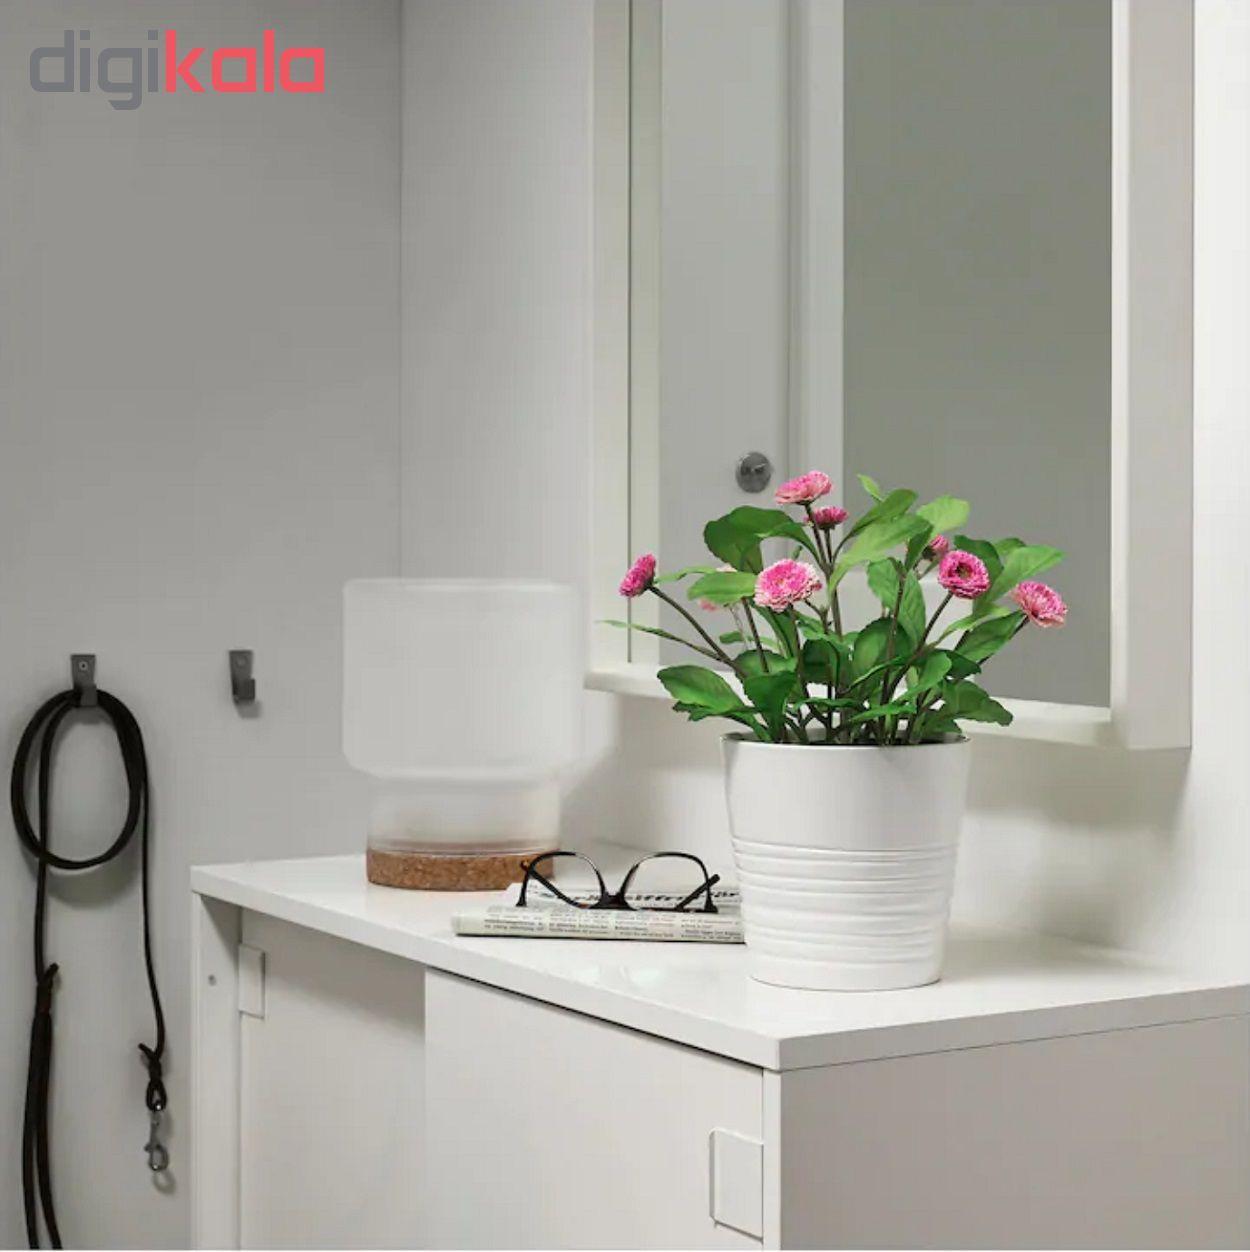 گلدان با گل مصنوعی ایکیا مدل Fejka 70234147  main 1 2